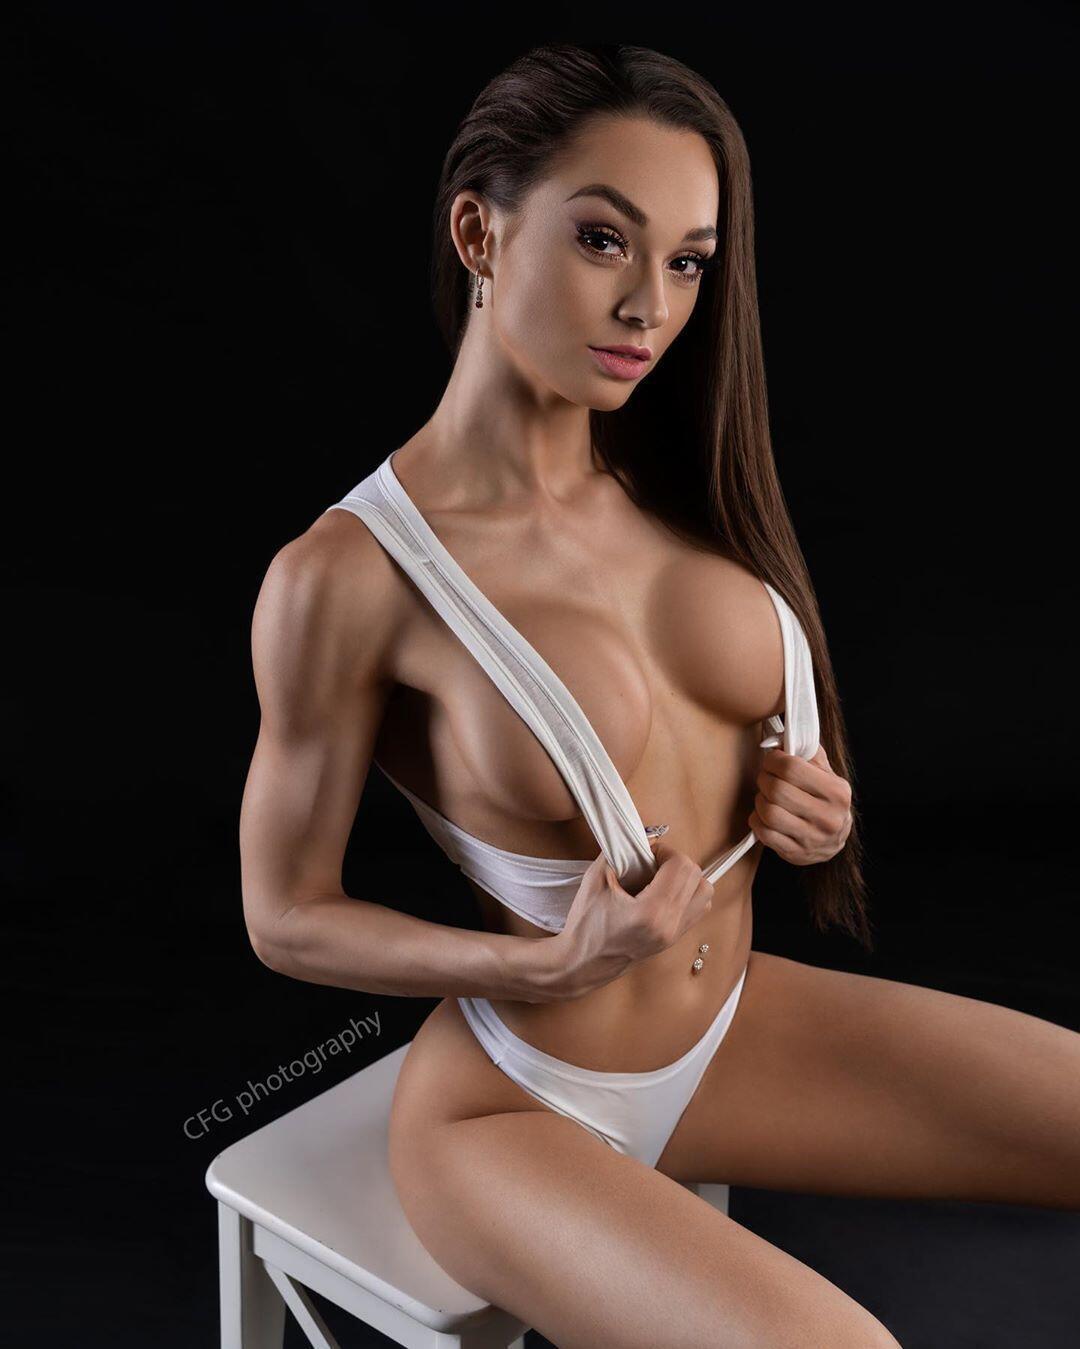 Популярна чеська фітнес-модель знялася в еротичній фотосесії